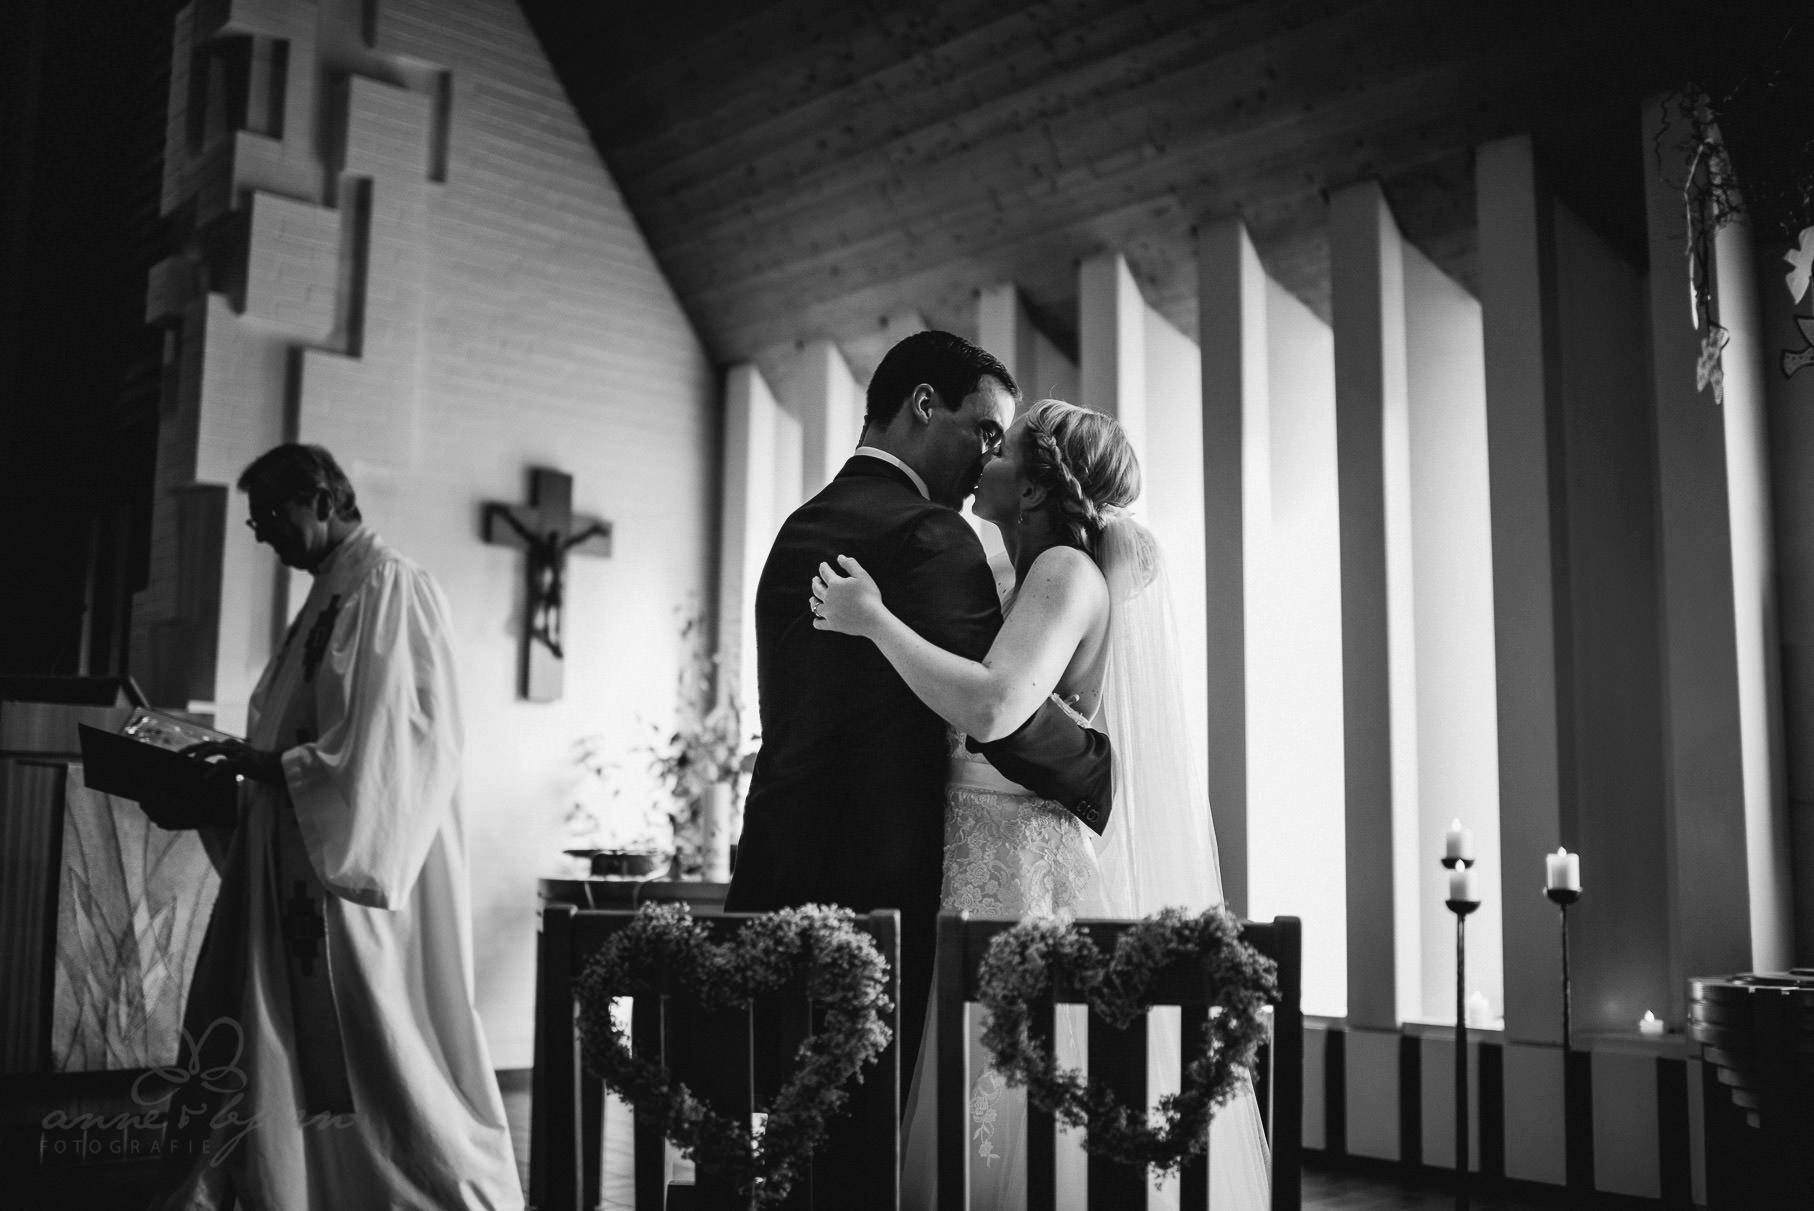 0025 euo 812 0432 - Hochzeit im Schloss Reinbek - Elvira & Olaf